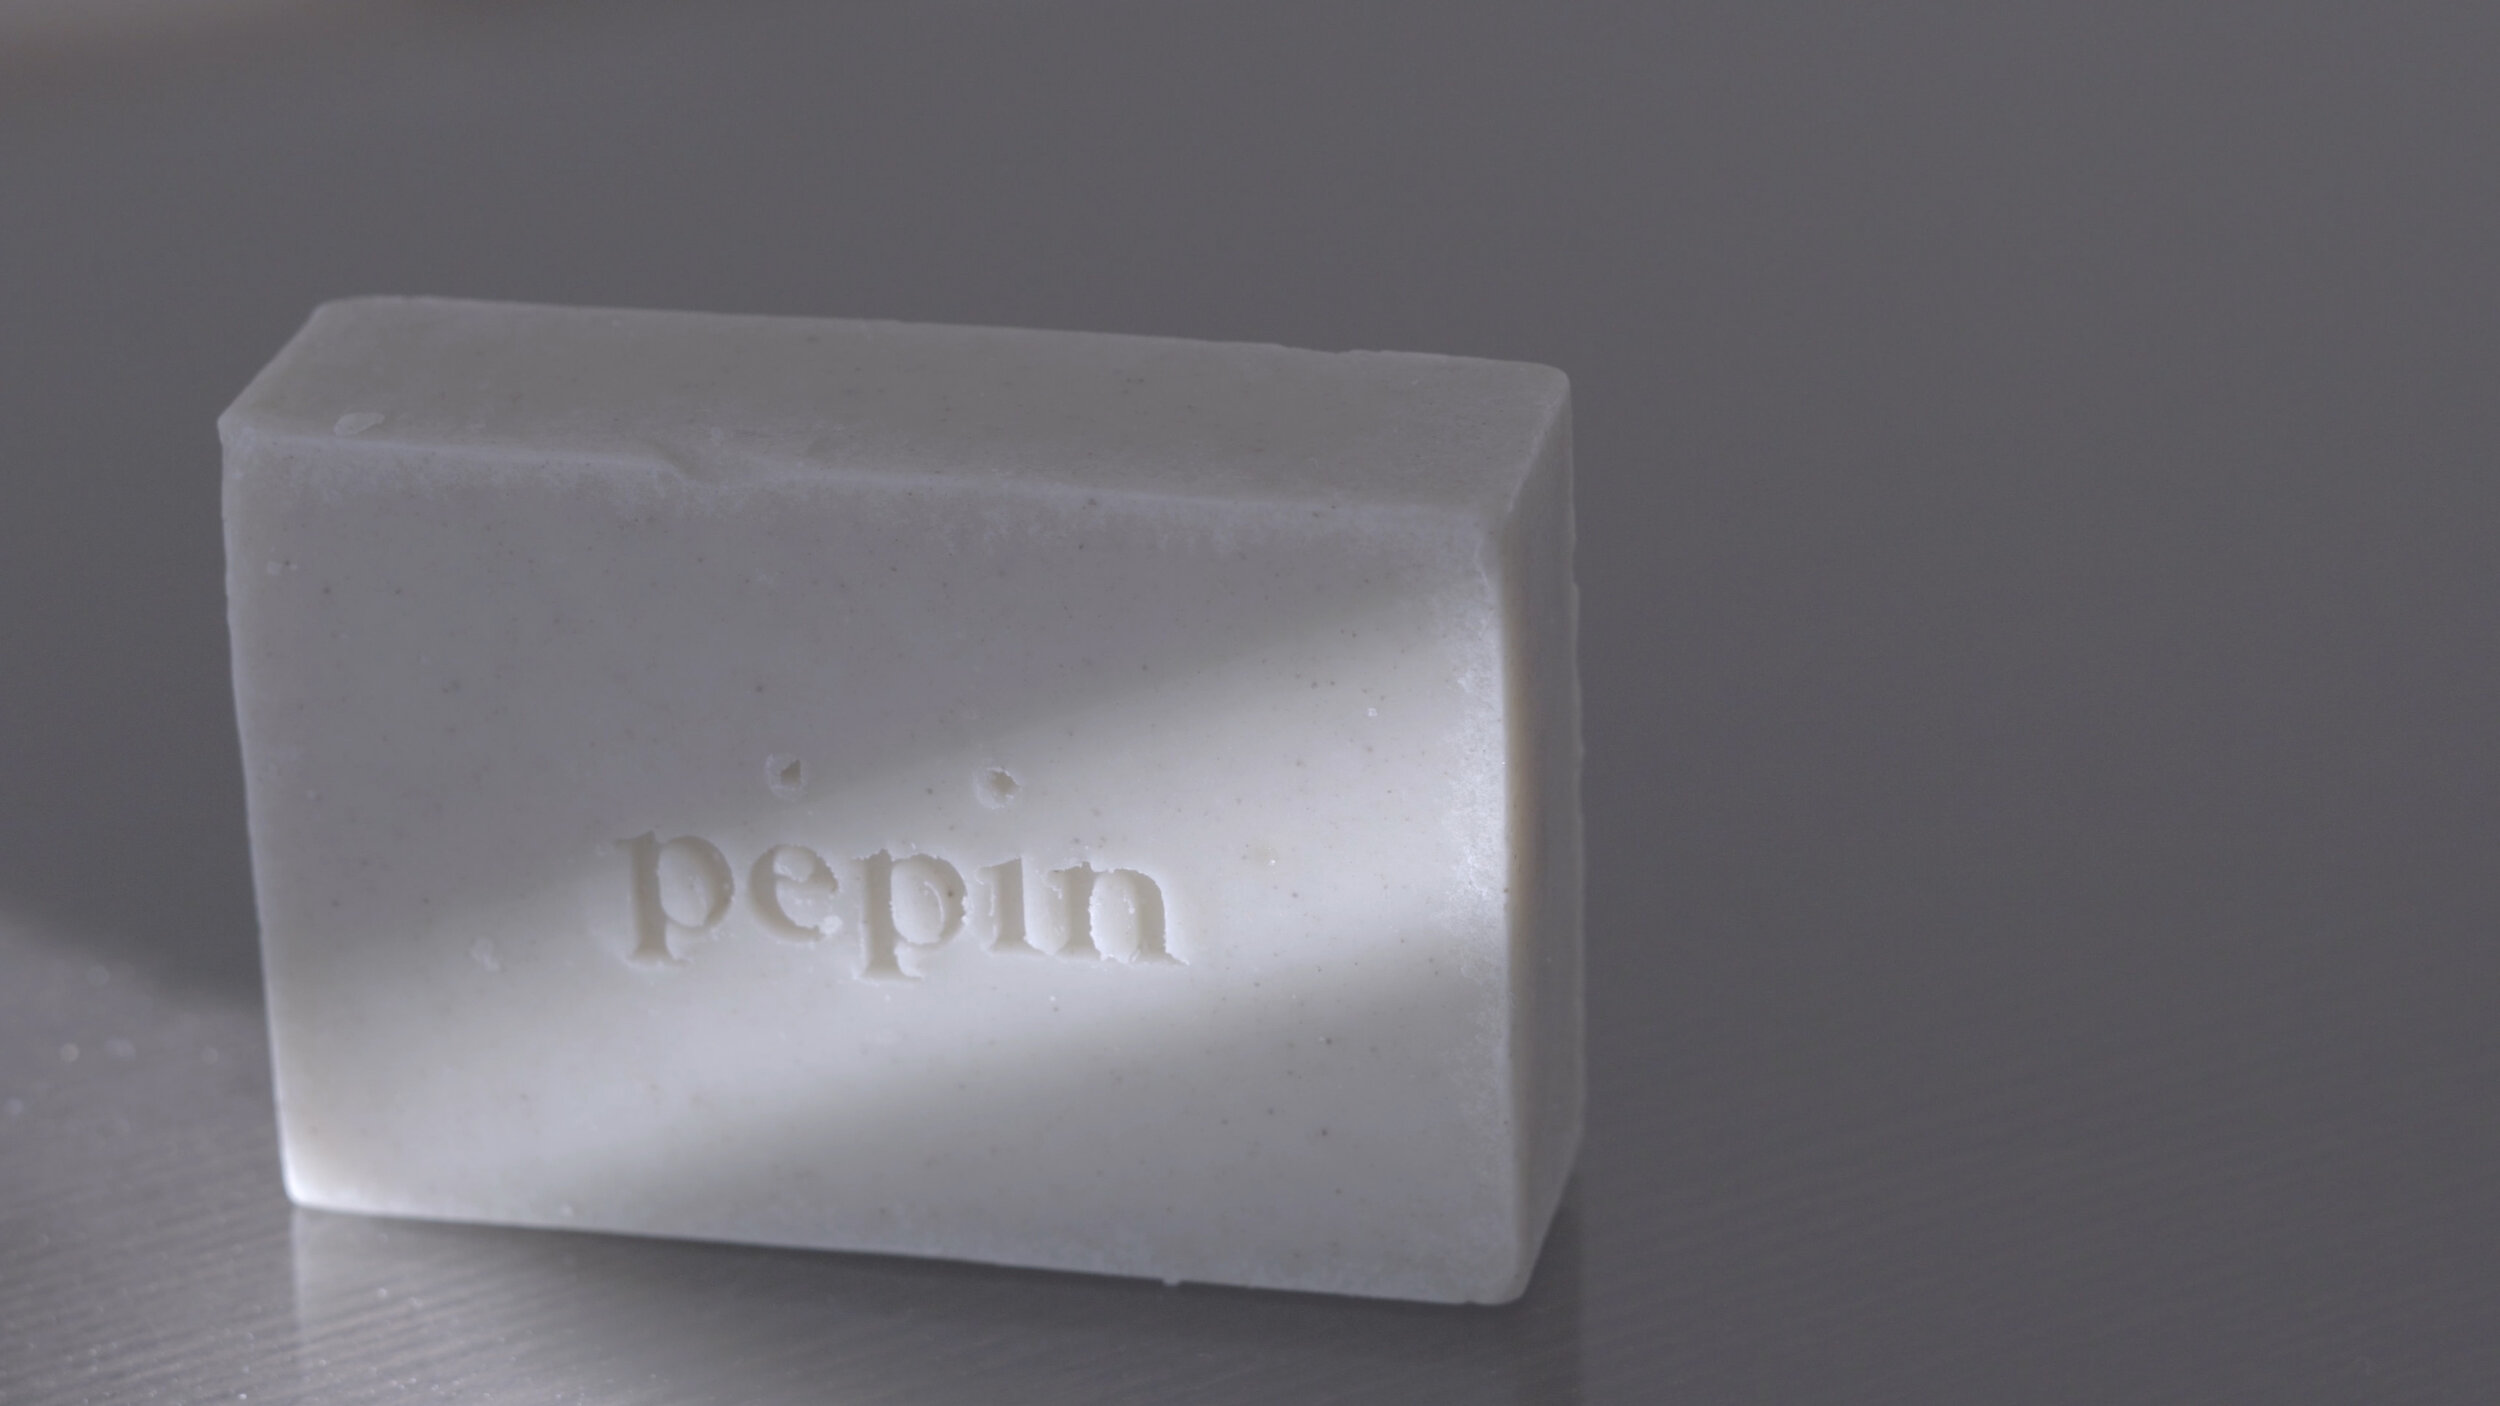 pépin • Produits pour le corps unisexes naturels (1).mp4.00_01_15_15.Still003.jpg